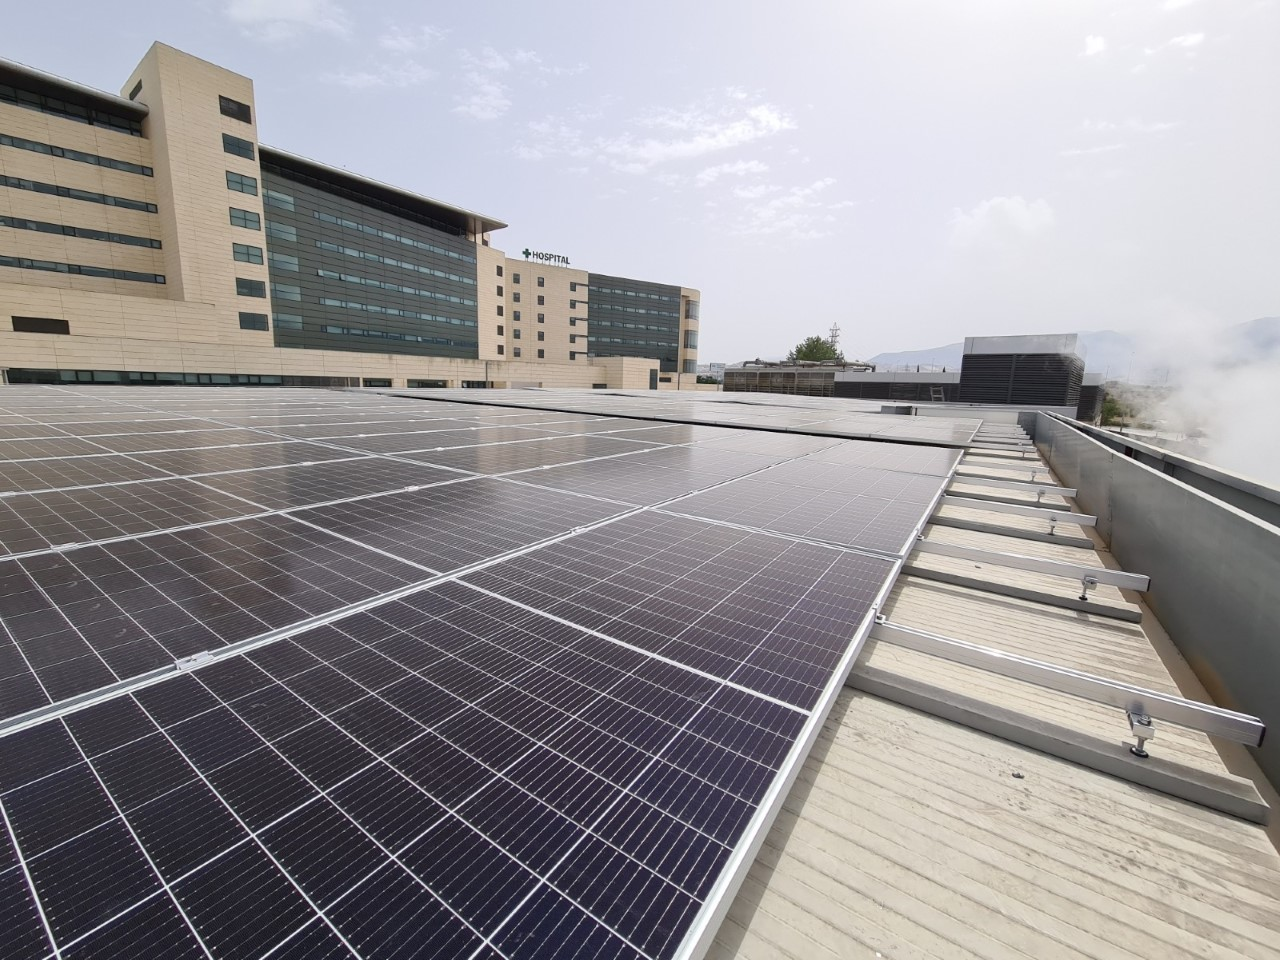 El Hospital Clínico instala una planta solar fotovoltaica para producir energía limpia destinada al autoconsumo